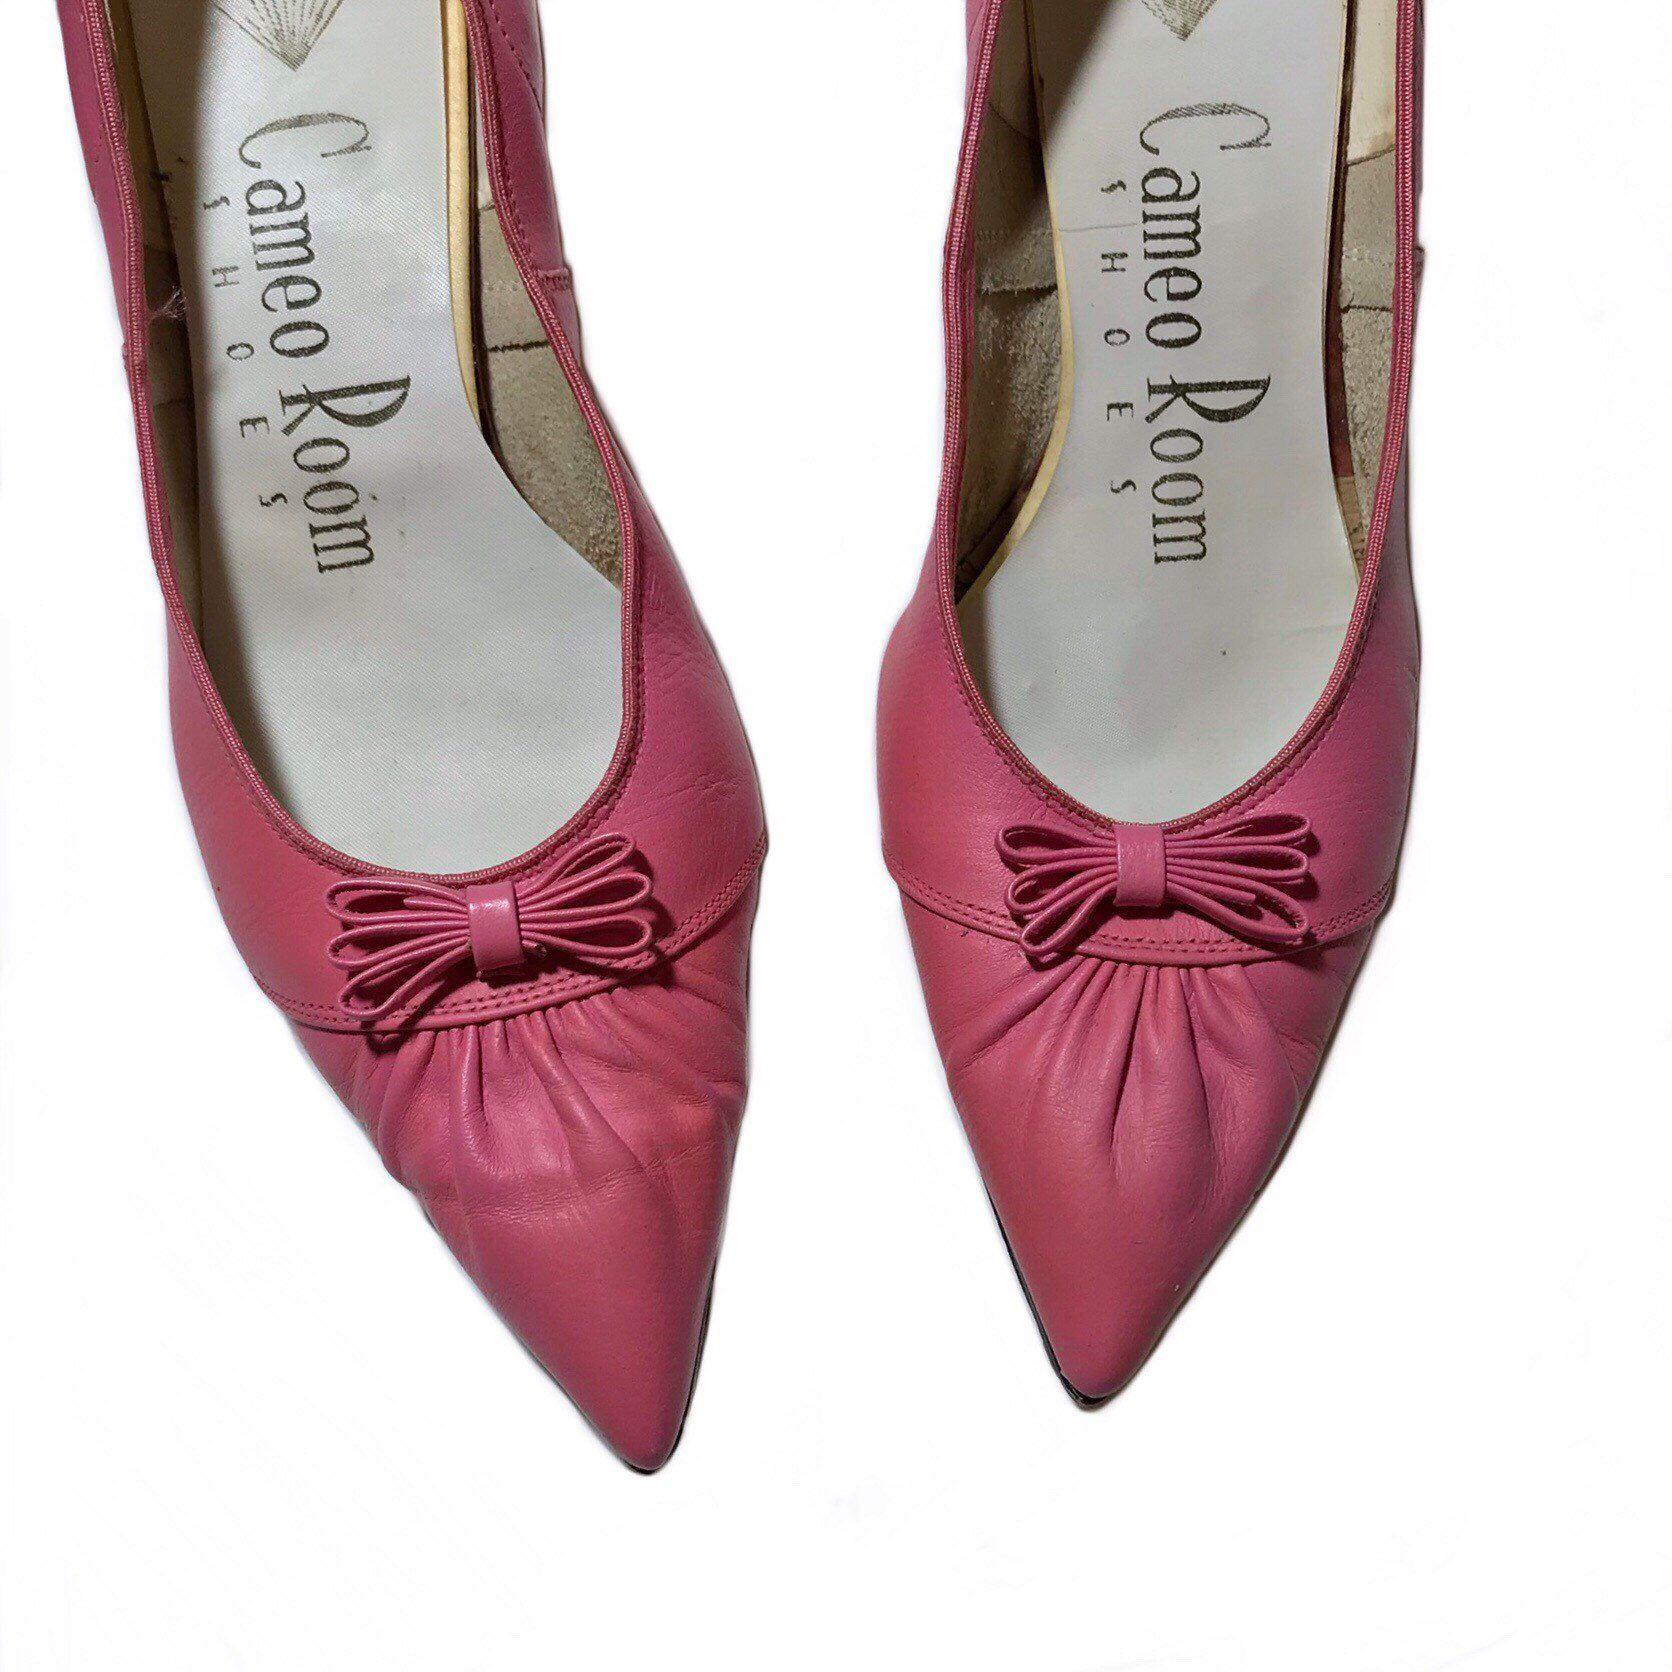 1950 S Vintage Bubble Gum Pink Kitten Heels Size 8 By Hermanasdelalma On Etsy Https Www Etsy Com Listing 290769 Pink Kitten Heels Kitten Heels Bubblegum Pink